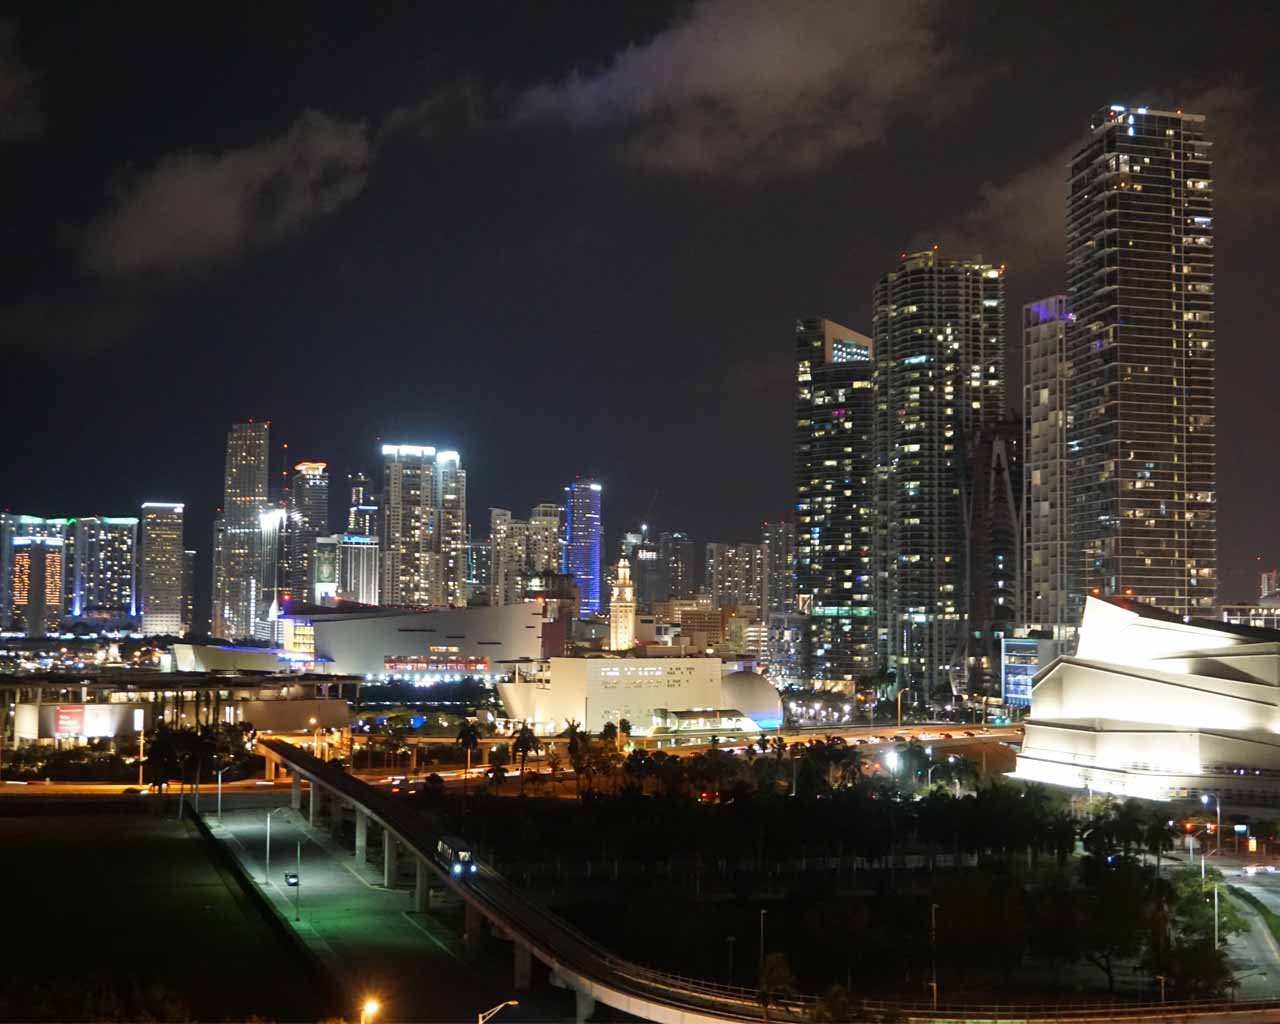 Miami Downtown am Abend (Blick von der Biscayne Bay)